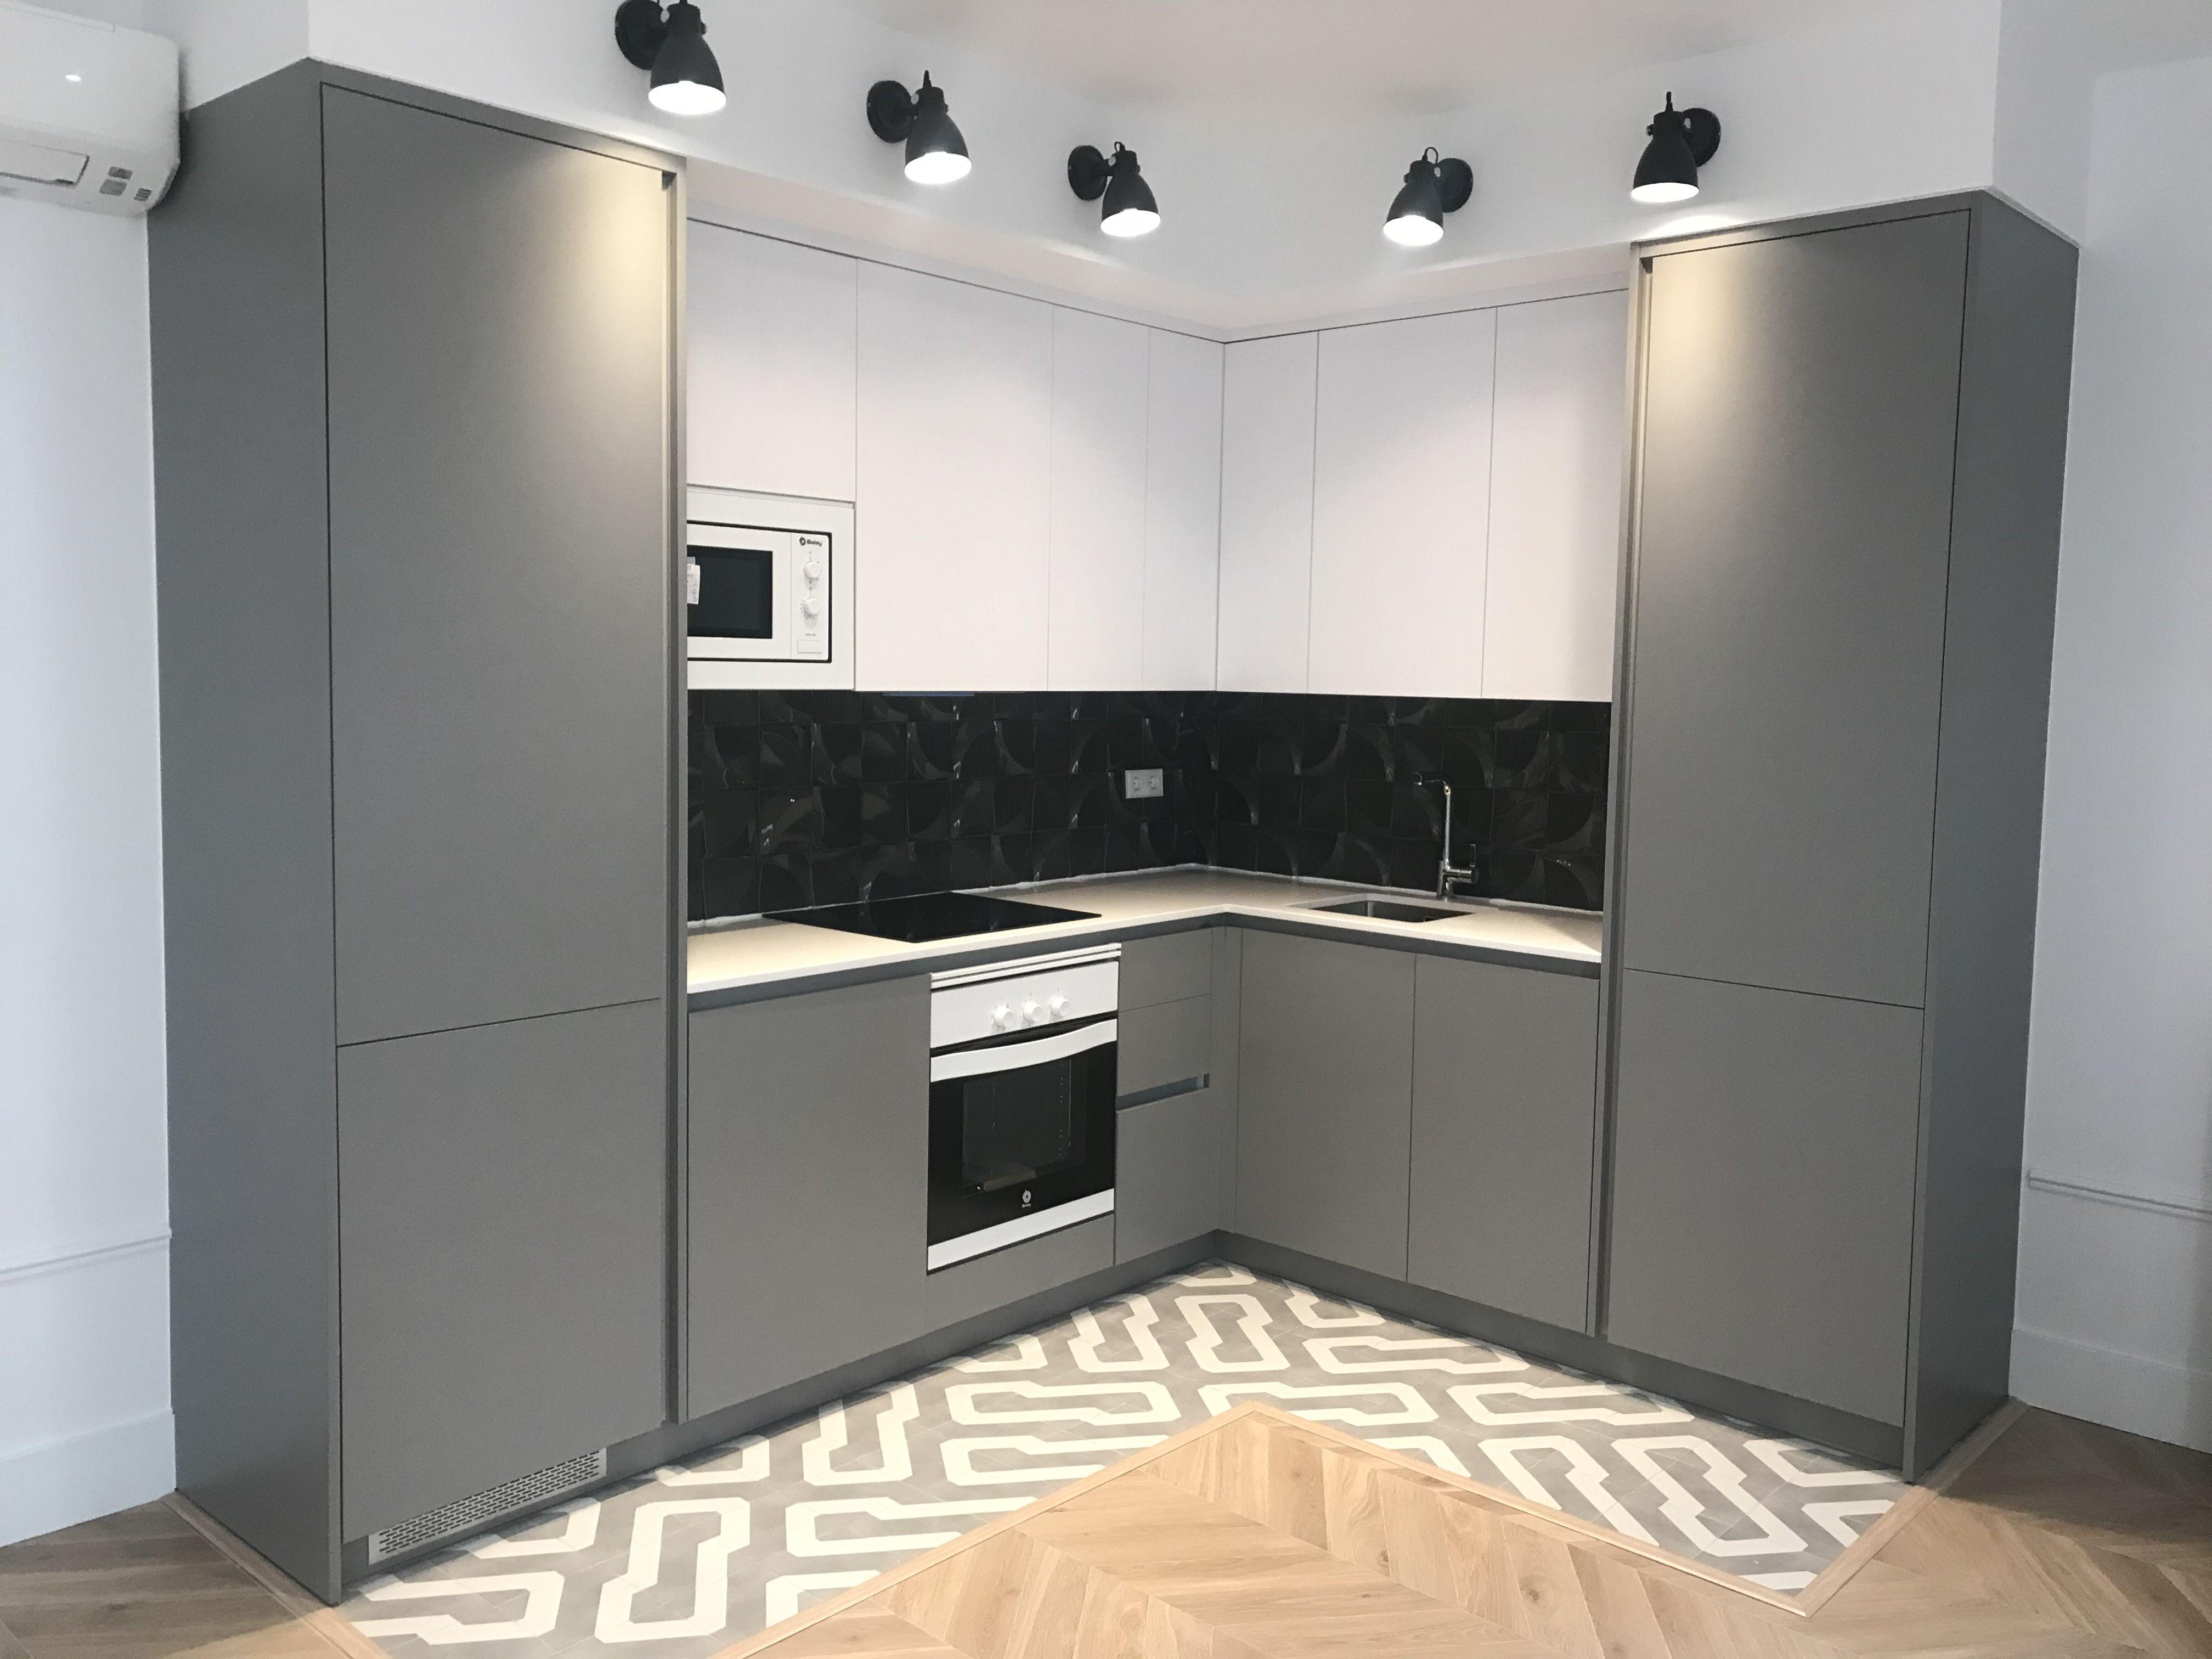 Cocina gola gris y blanca archivo kitchen cabinets kitchen y home decor - Cocina blanca encimera gris ...